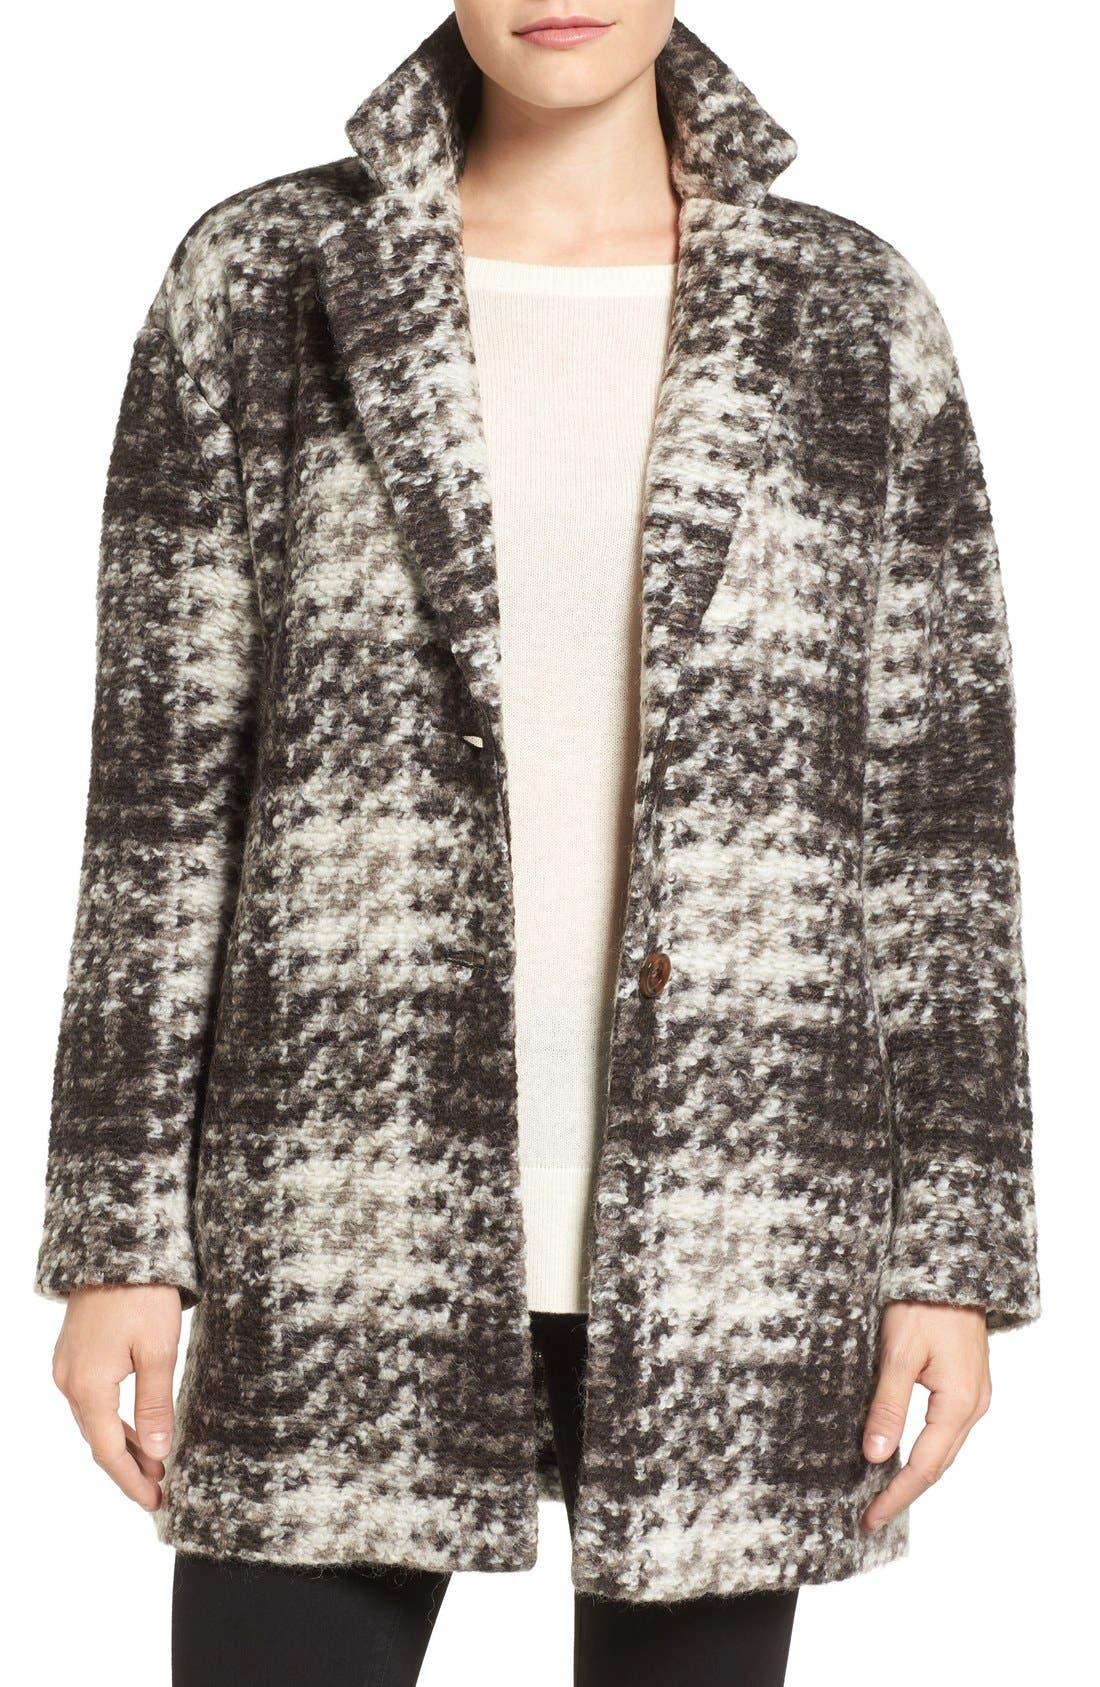 BERNARDO Plaid Sweater Coat, Main, color, 200